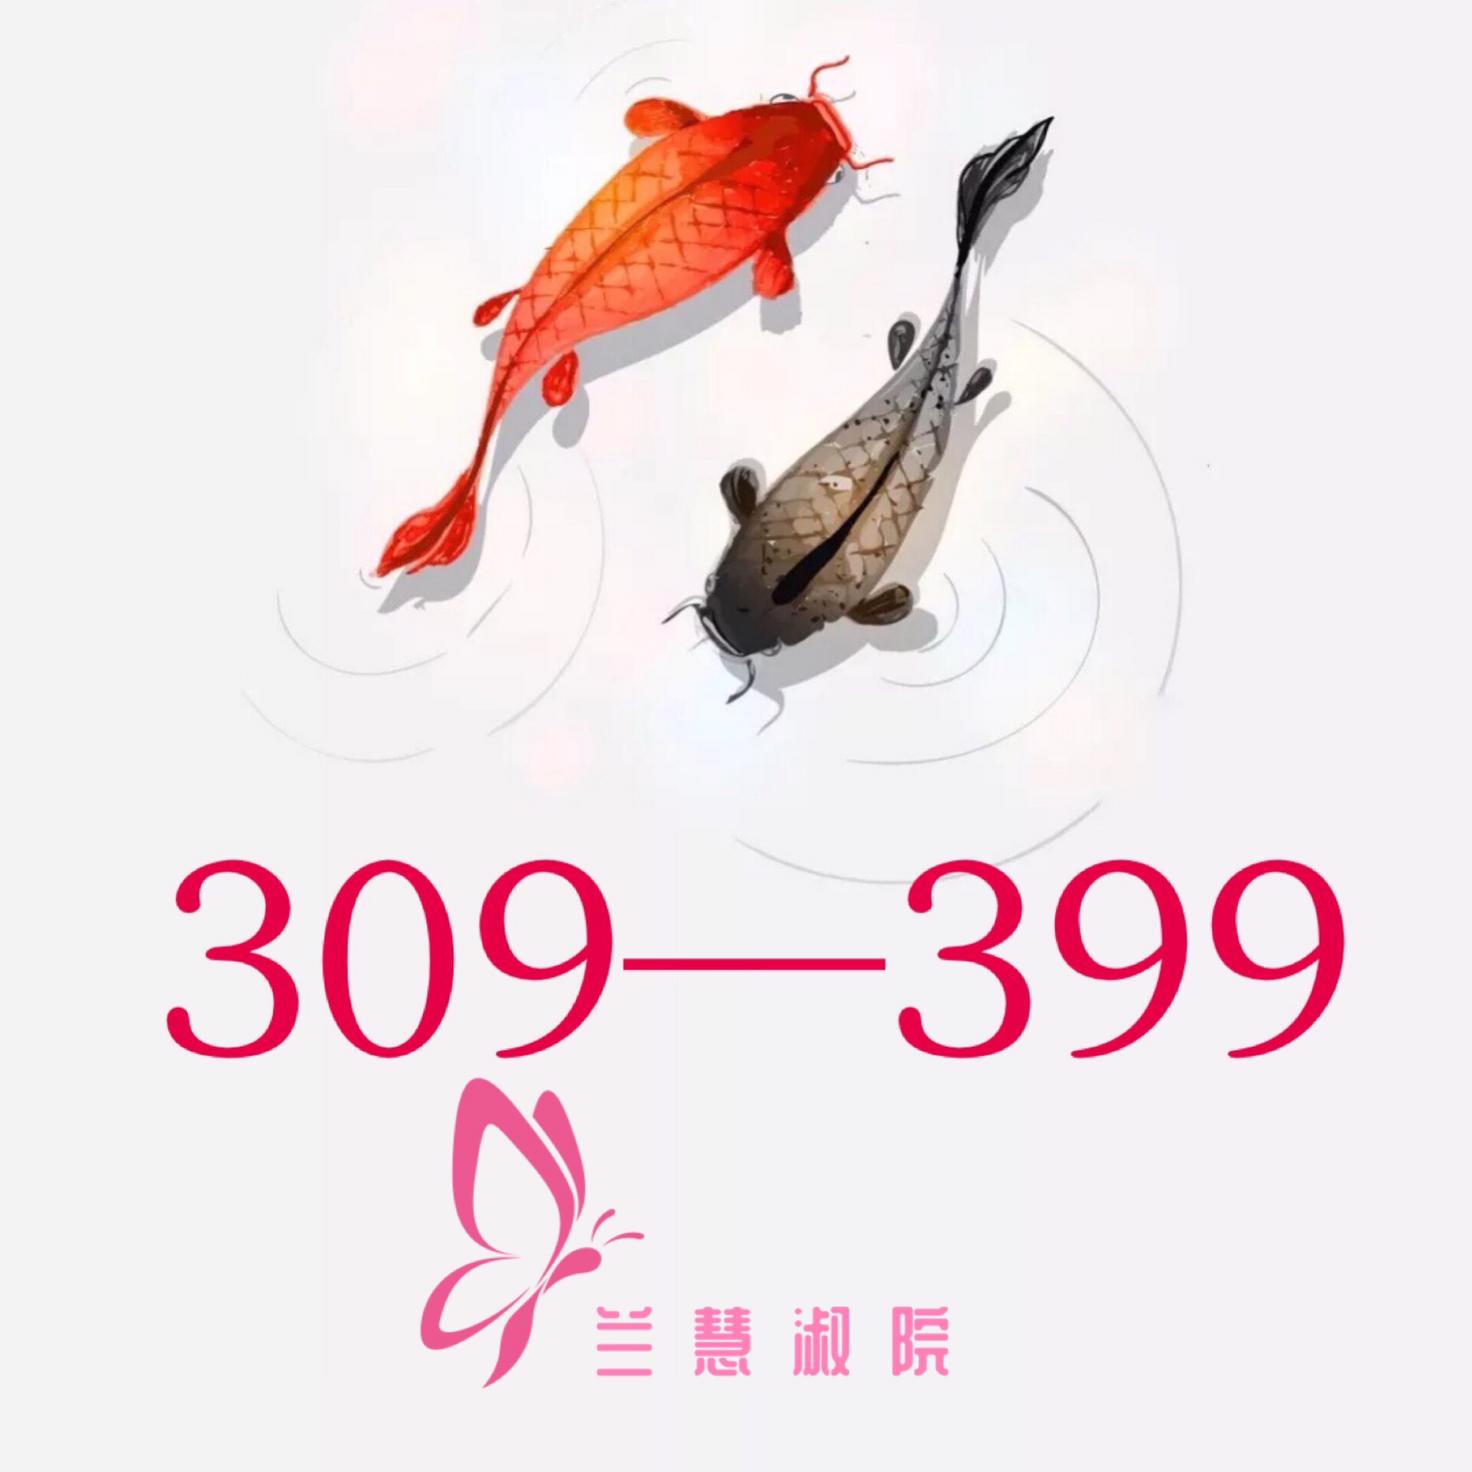 粉丝专享----309---399水墨生香遇见天晒谷场【不退换】